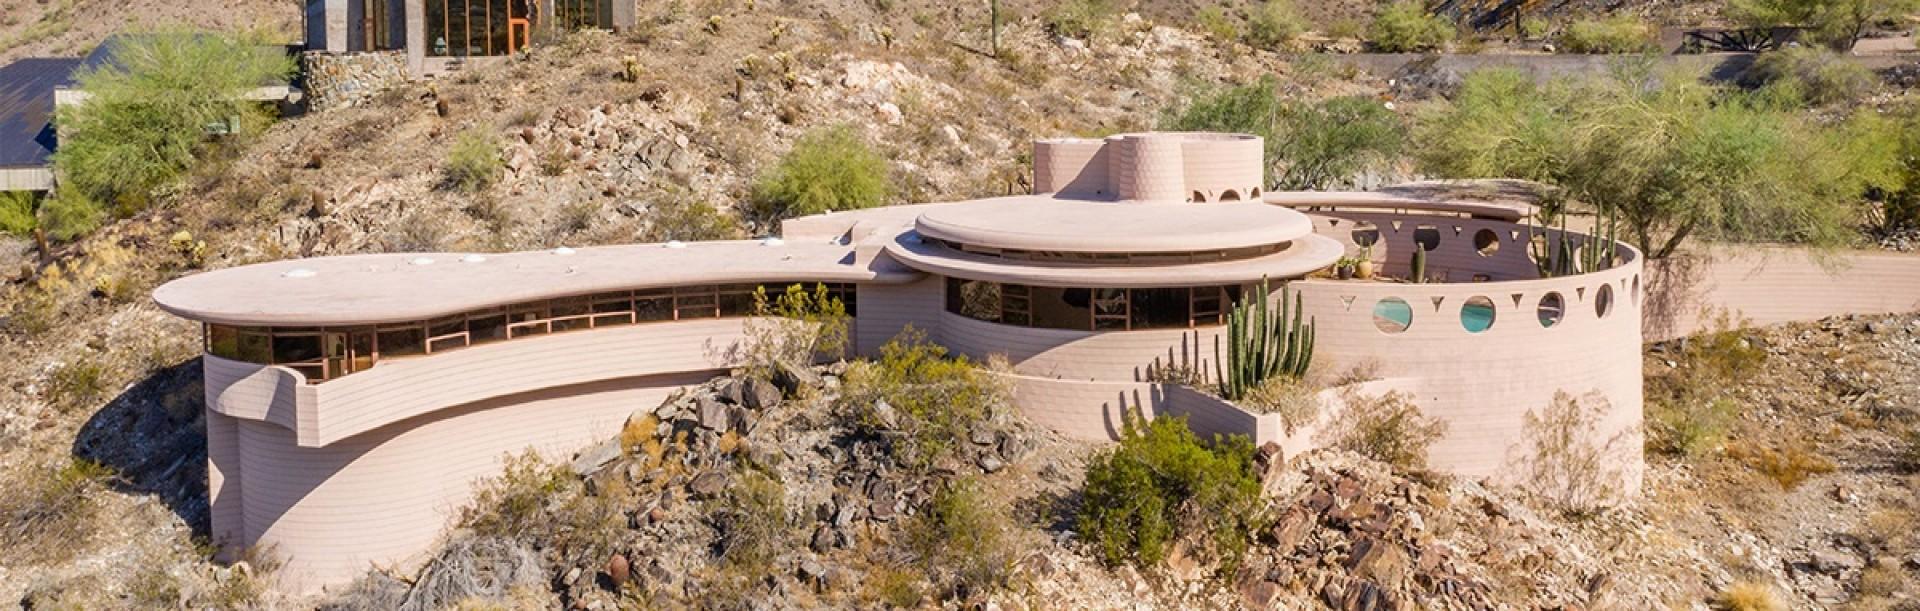 弗兰克·劳埃德·赖特最后设计的住宅将被拍卖